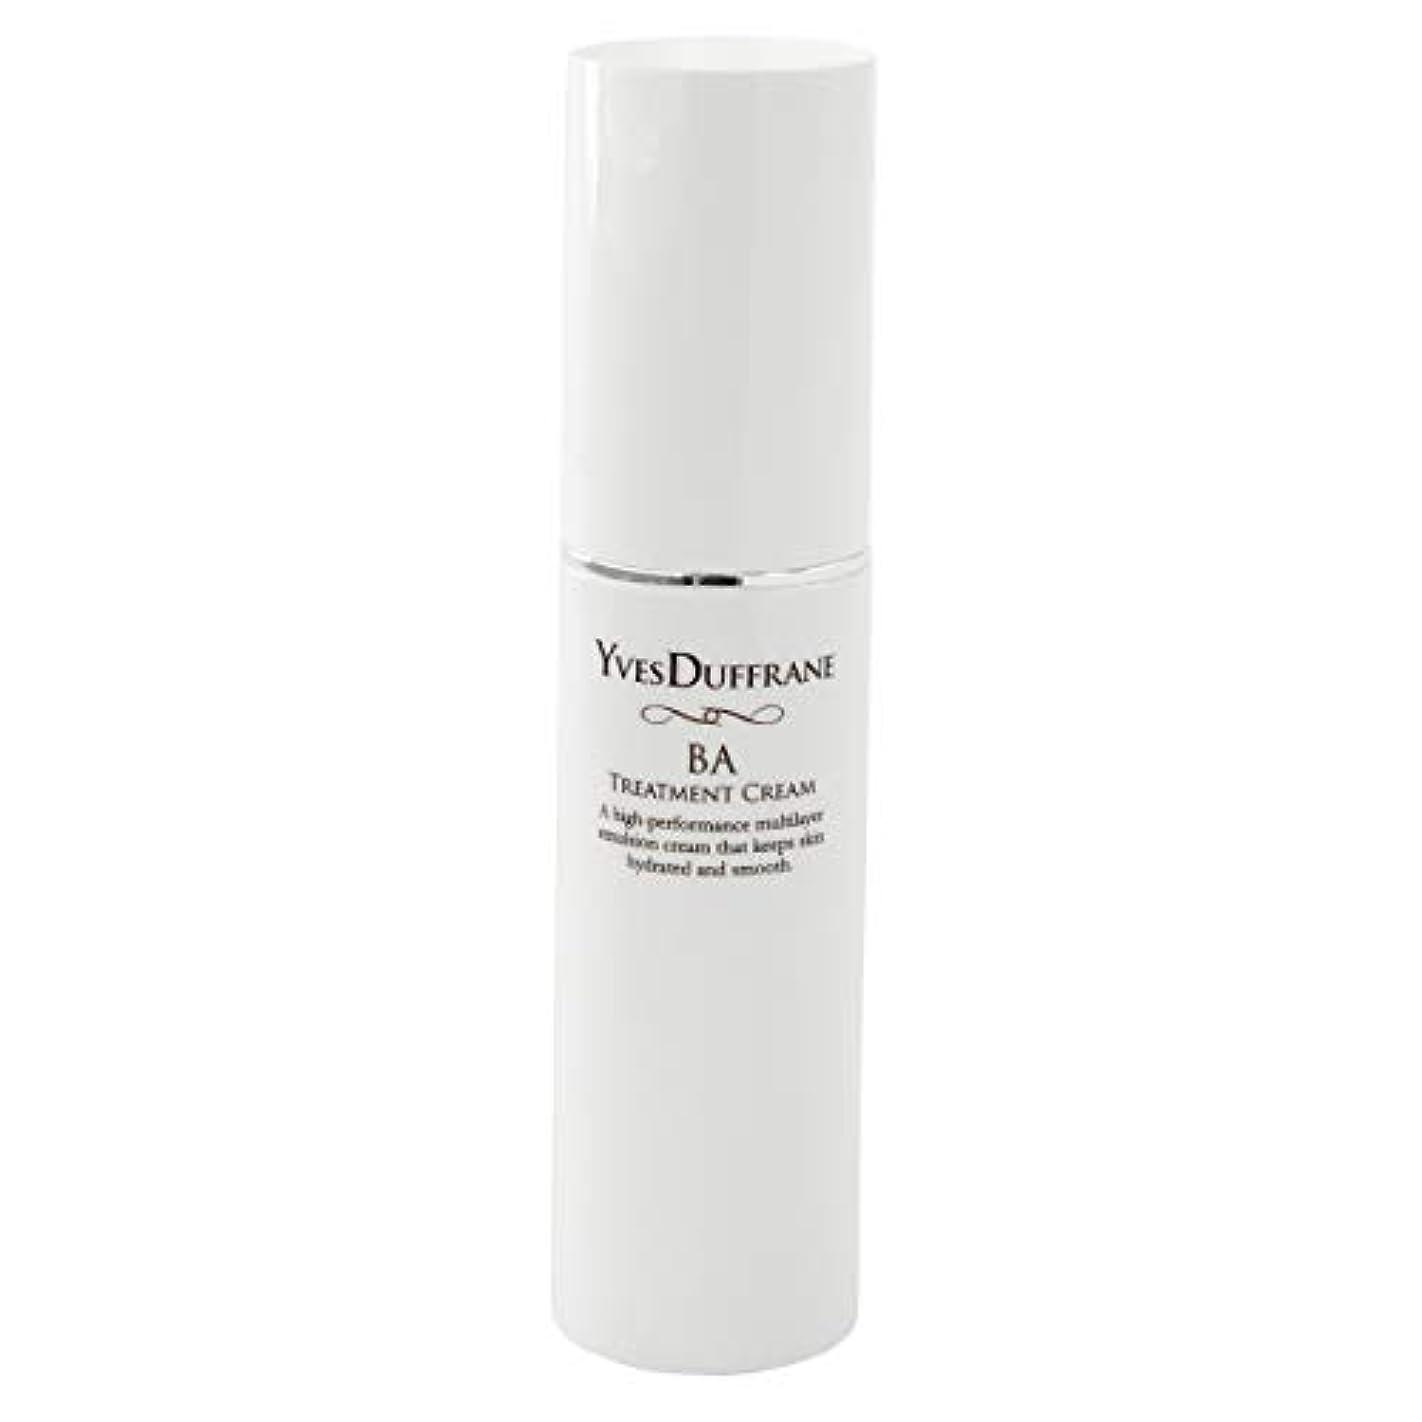 クロニクルメーカー大邸宅セラミド 美容クリーム [BAトリートメント クリーム ] 顔 目元 敏感肌 保湿 セラミド ビタミンC誘導体 バイオアンテージ配合